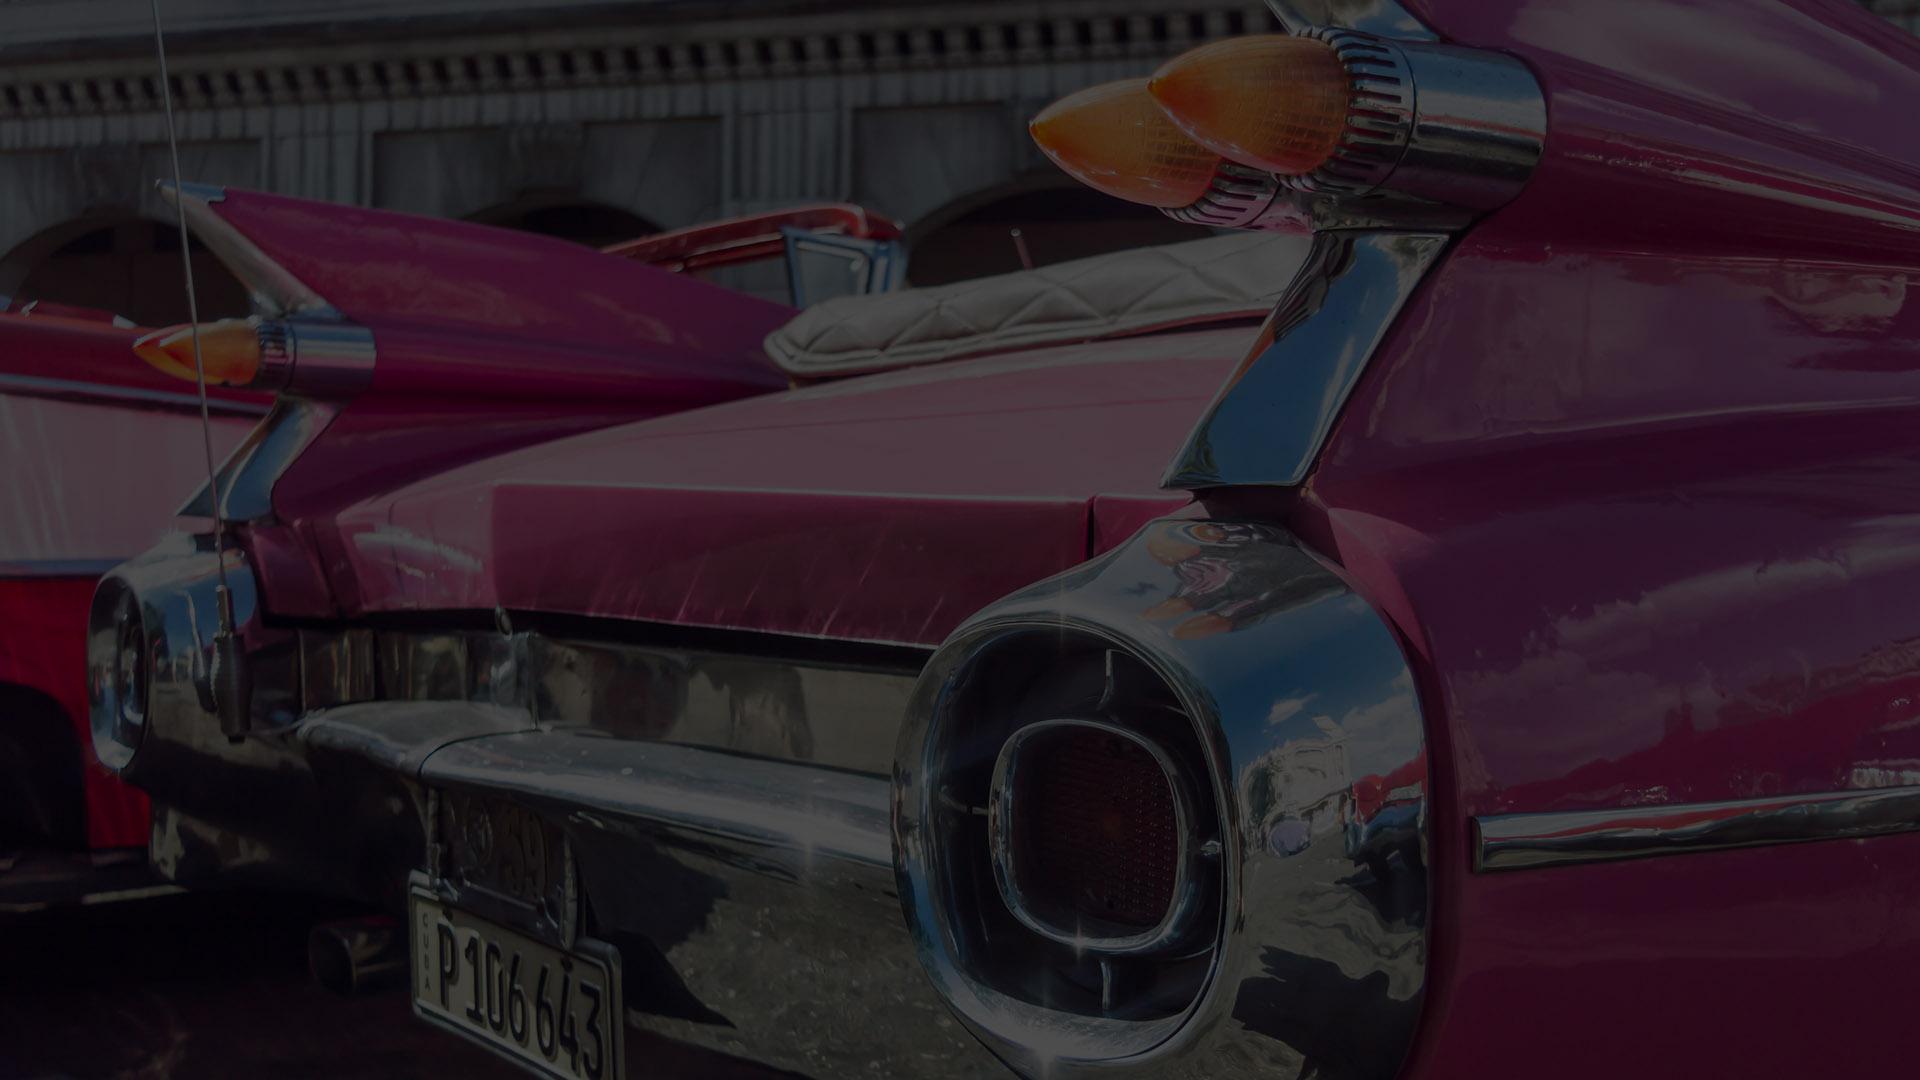 voitures retro